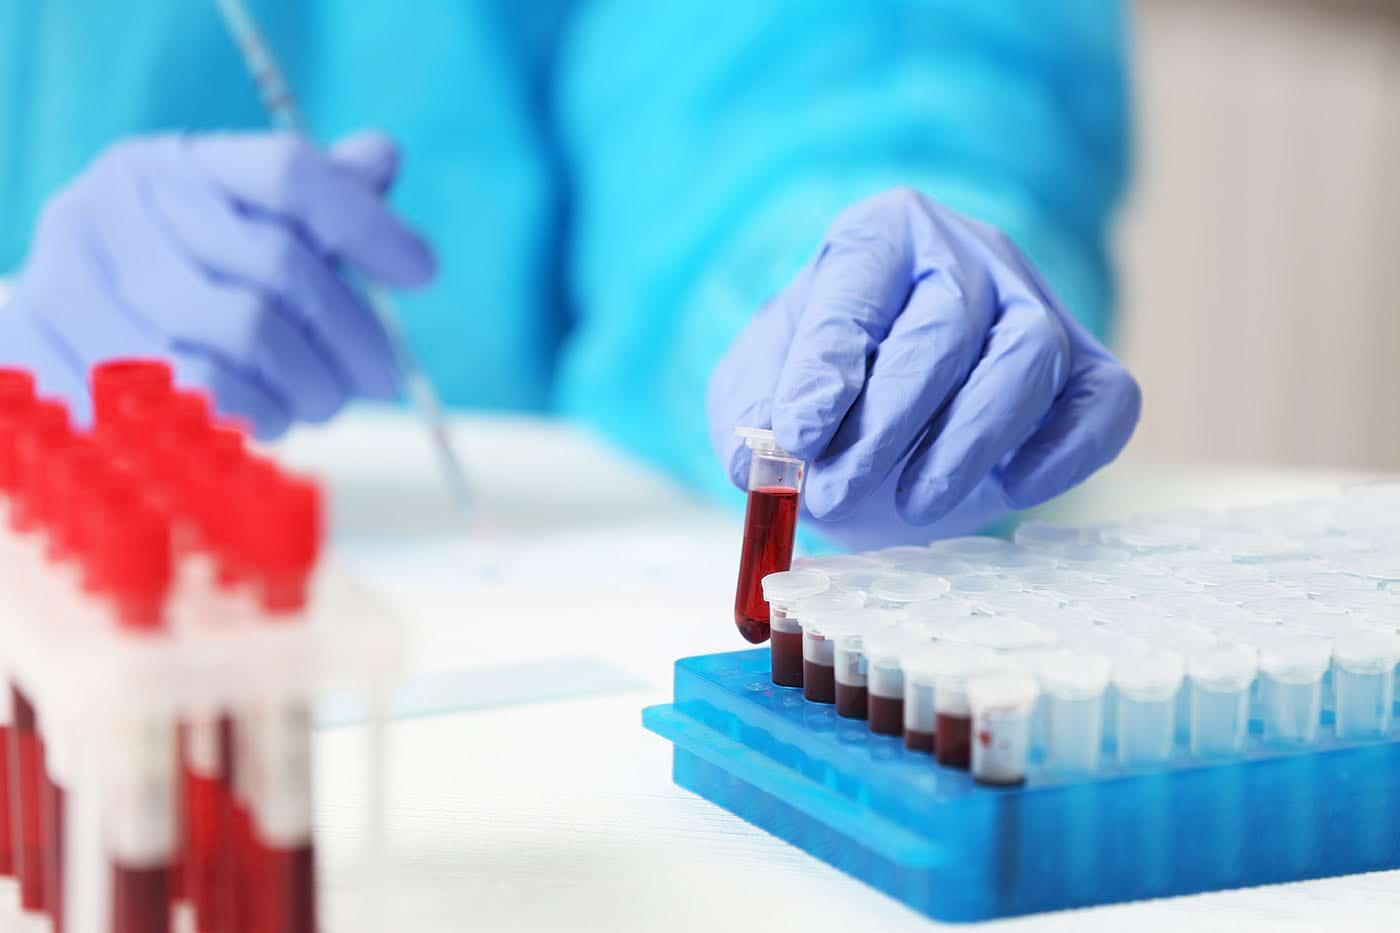 Cancerul, depistat cu 4 ani înainte de apariția simptomelor? [studiu]